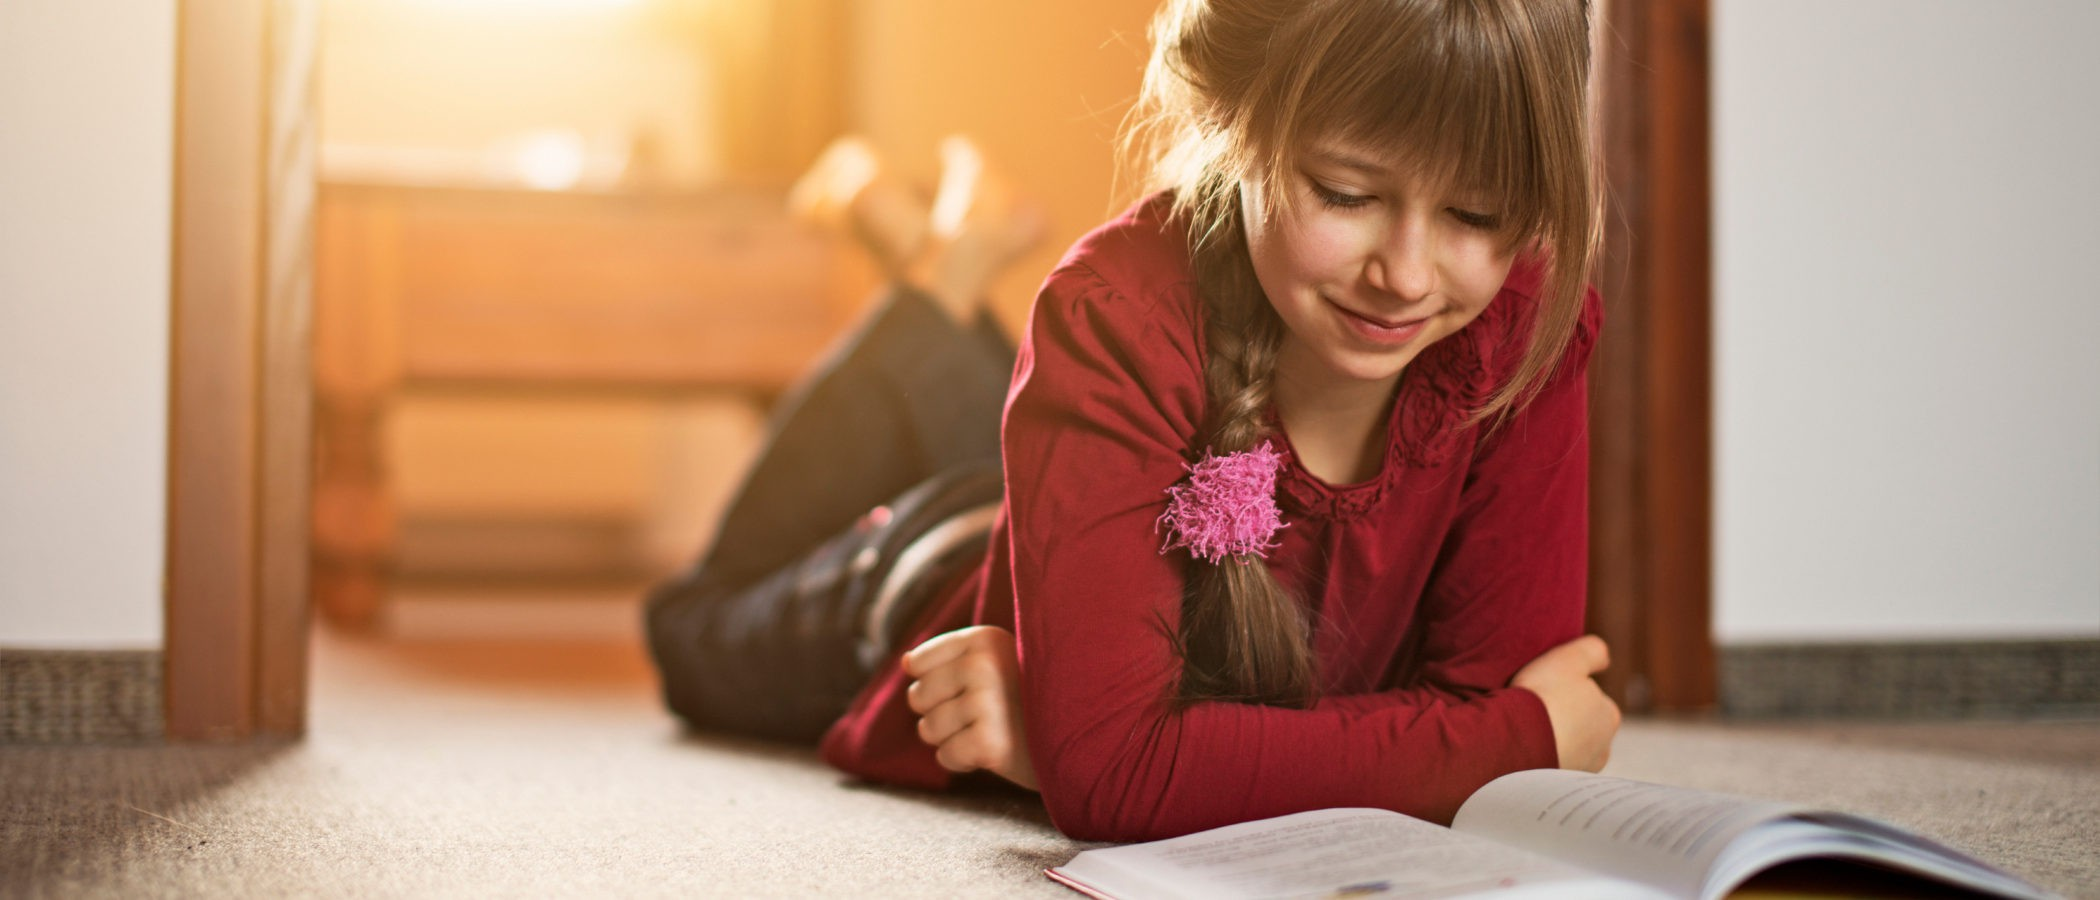 ¿A Partir De Qué Edad Pueden Quedar Los Niños Solos En